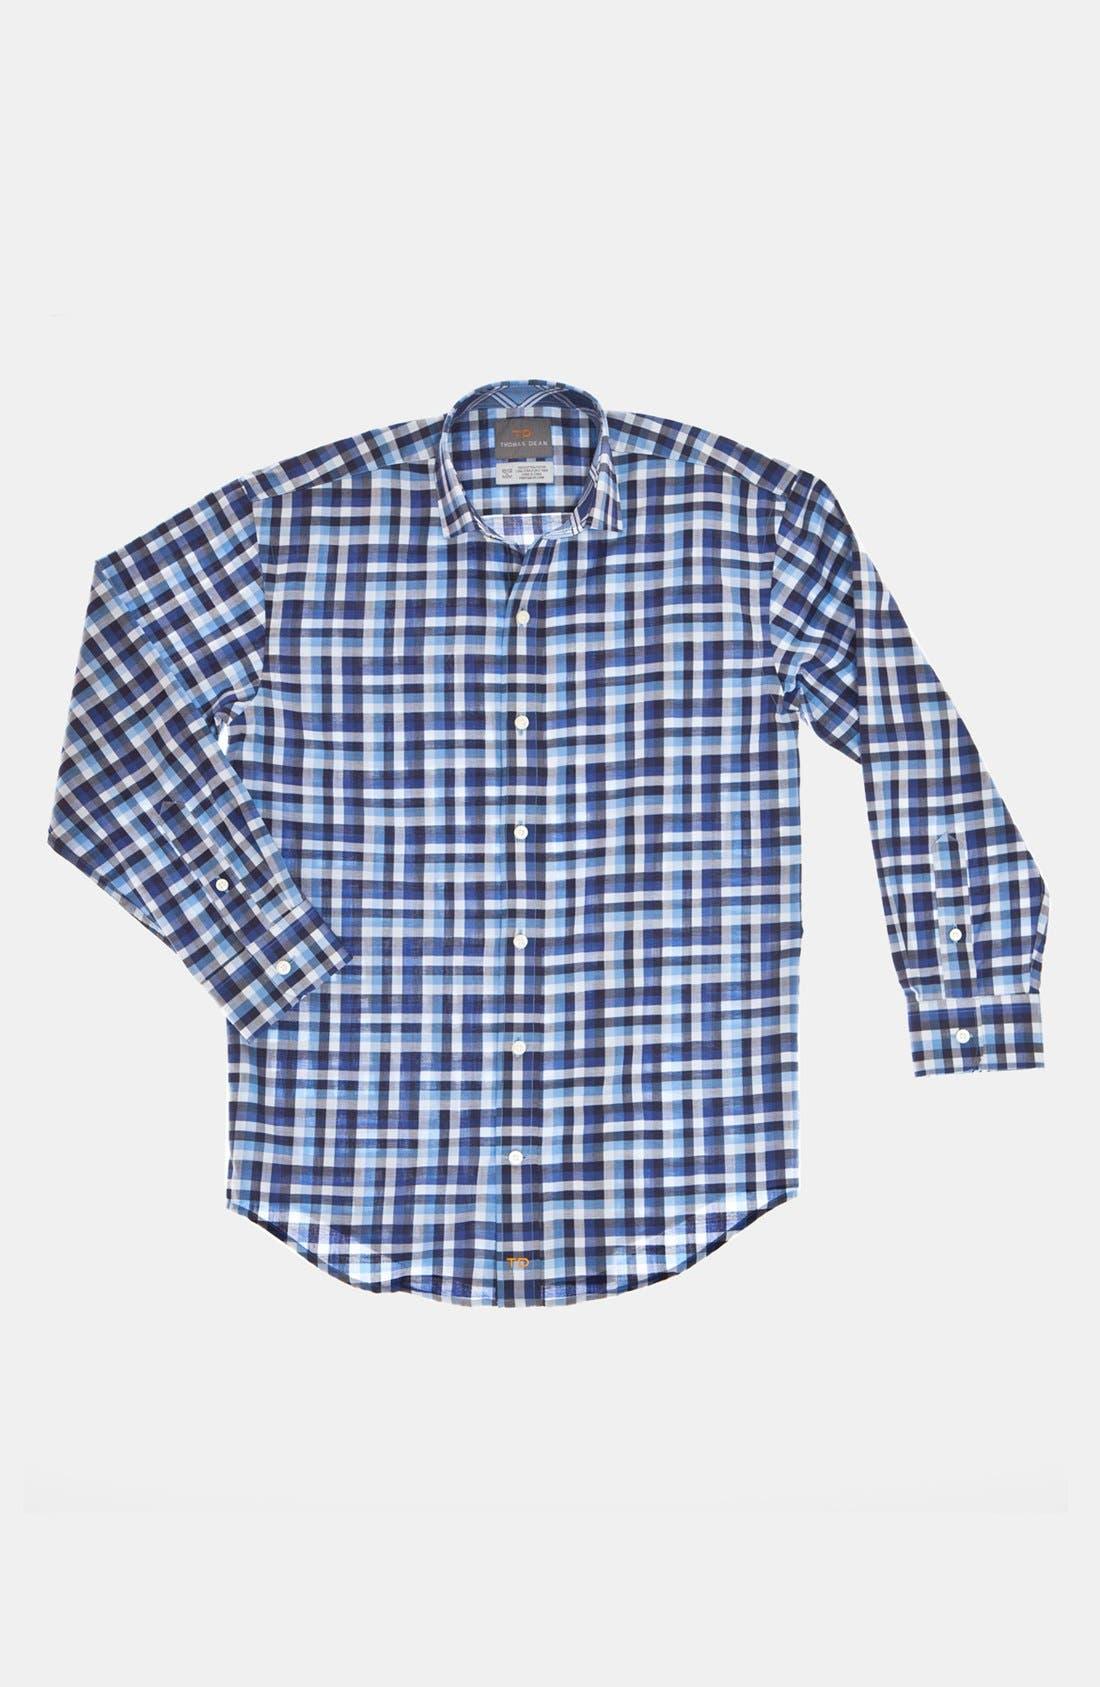 Main Image - Thomas Dean Check Dress Shirt (Big Boys)